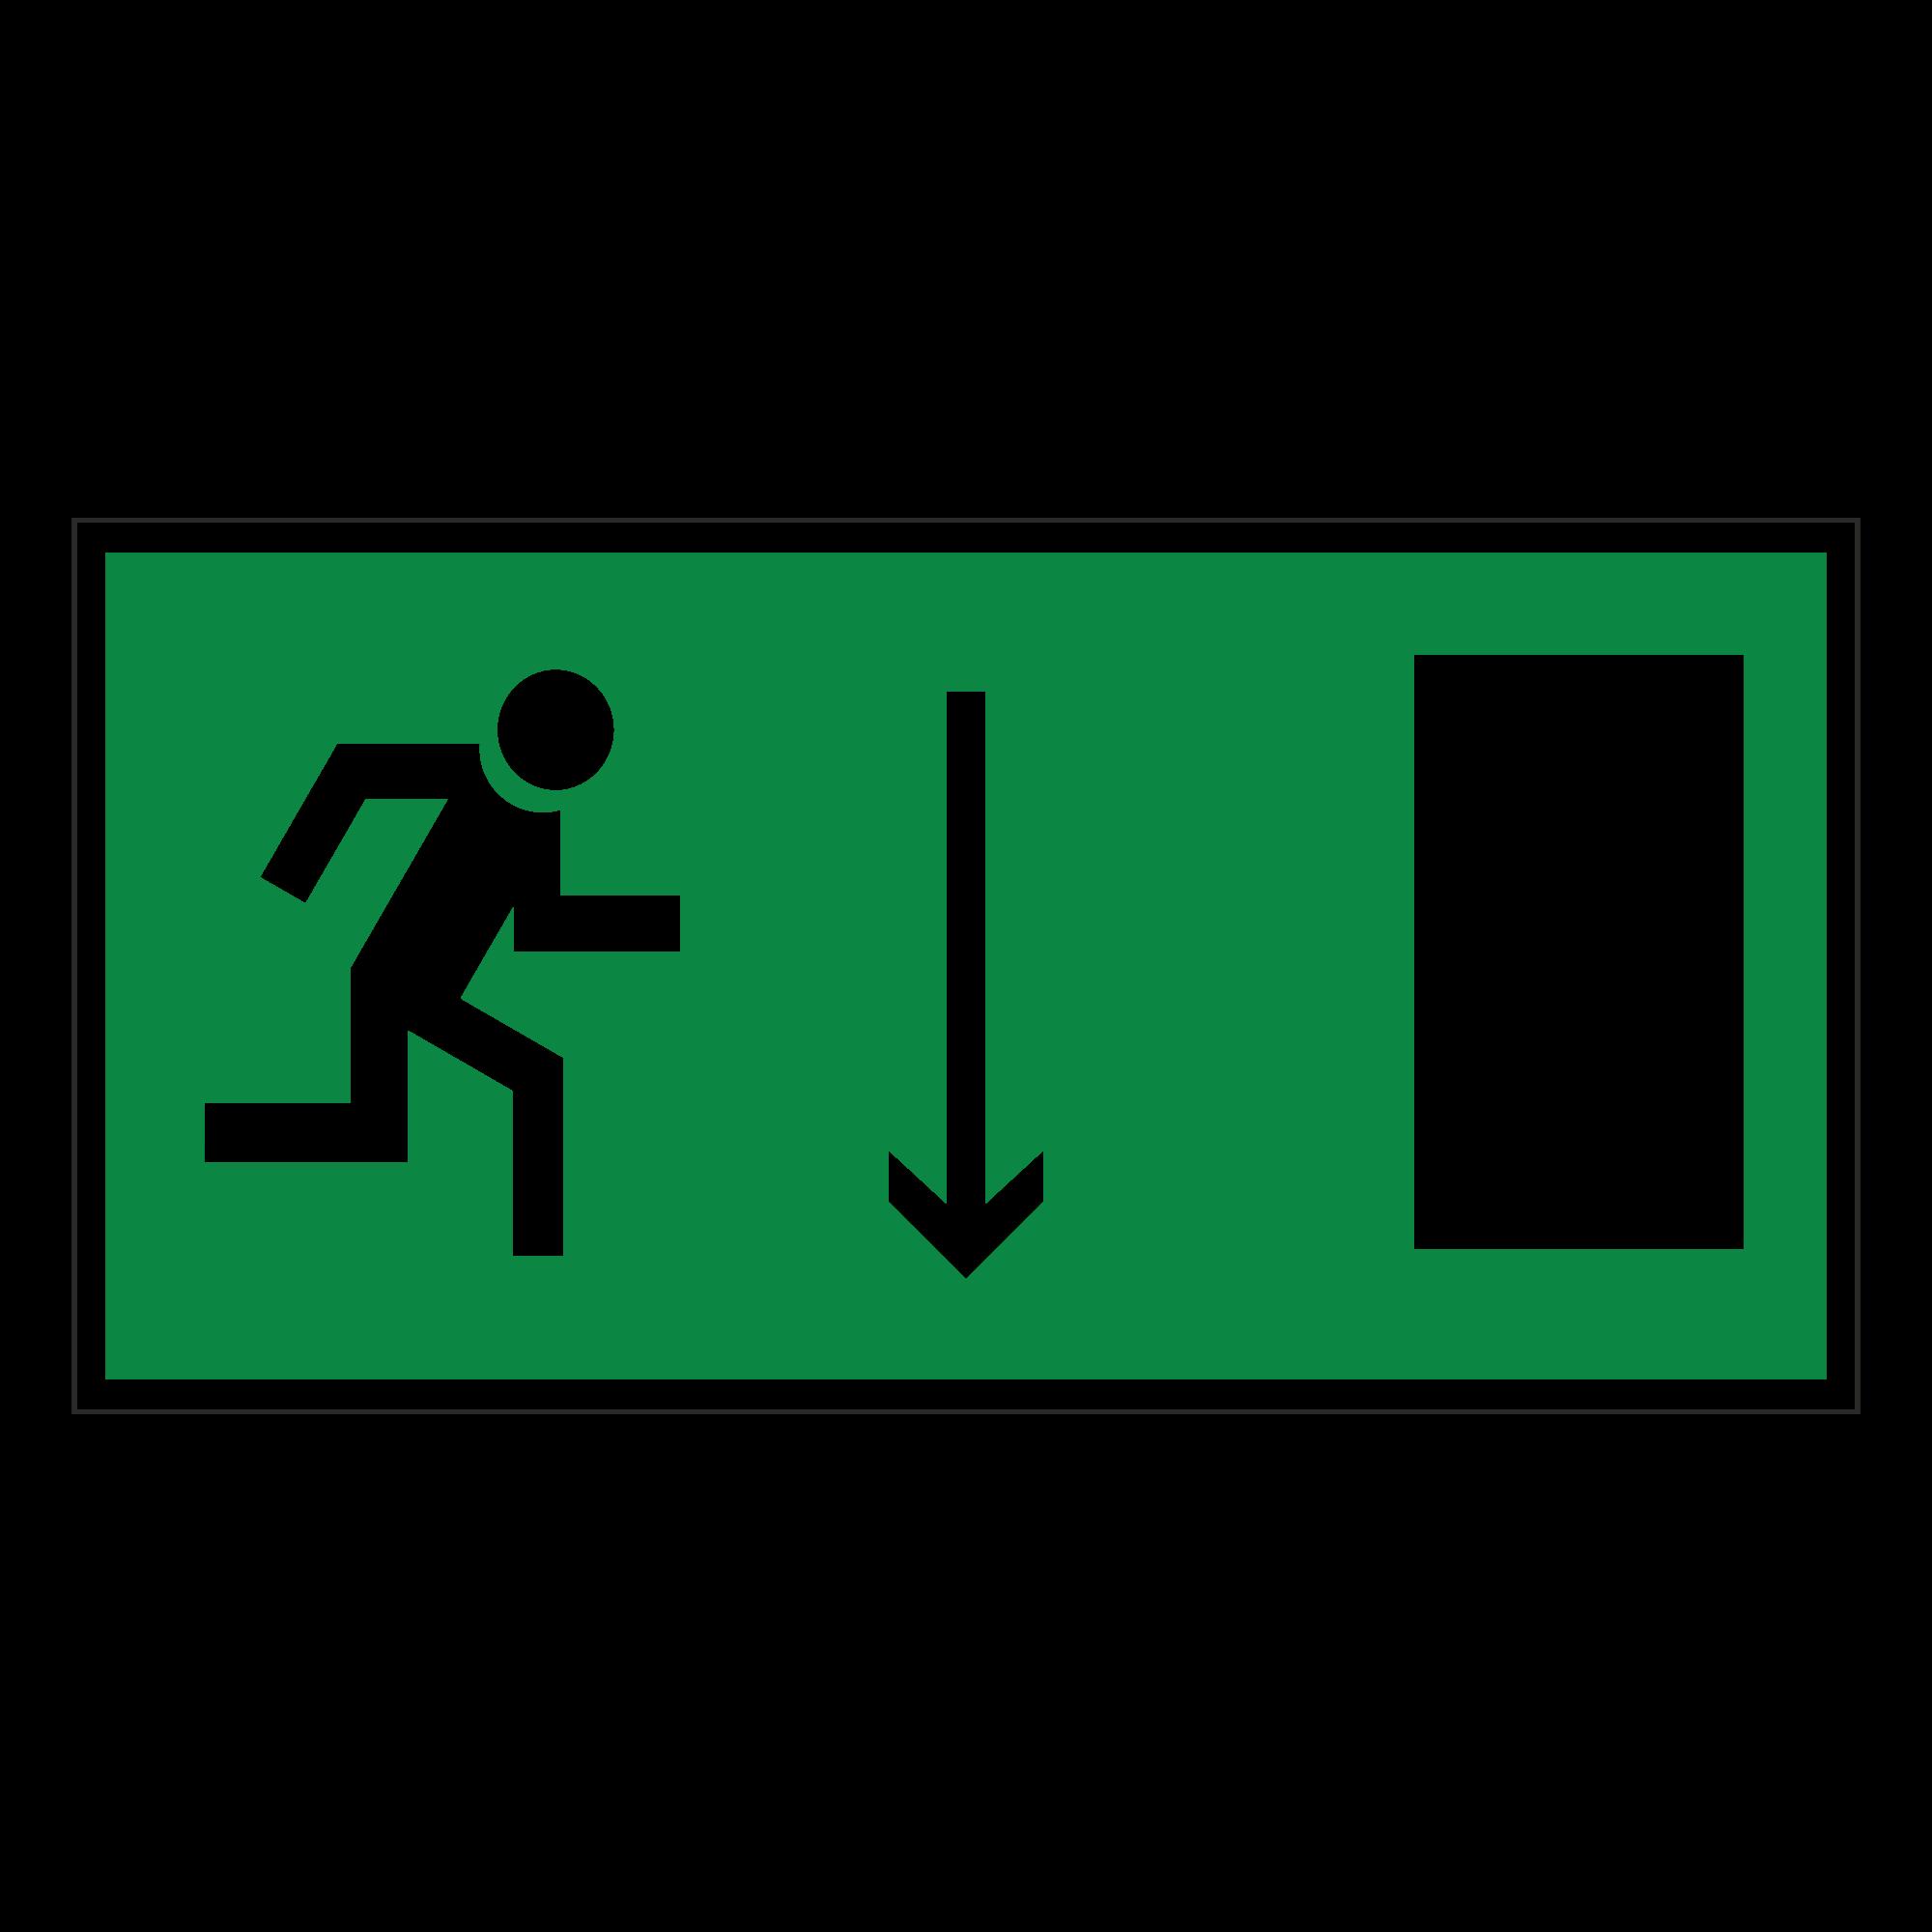 Е09 Указатель двери эвакуационного выхода (правосторонний)